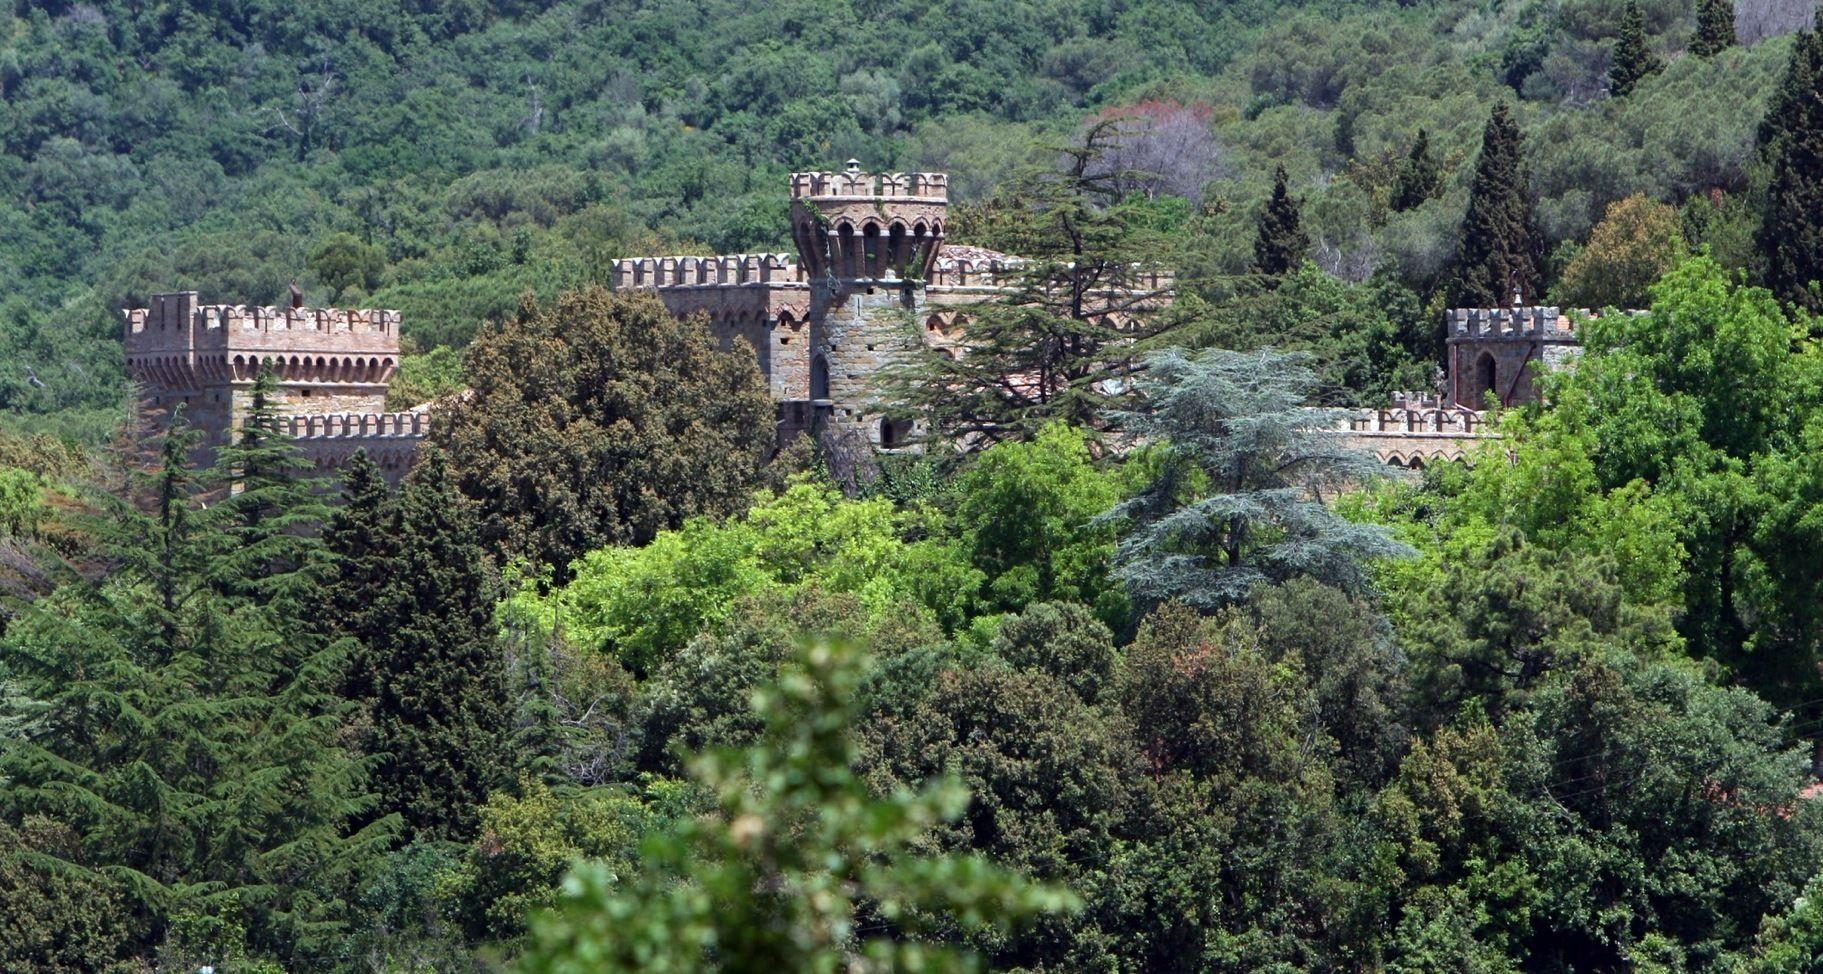 Borgia Castle Passignano Sul Trasimeno